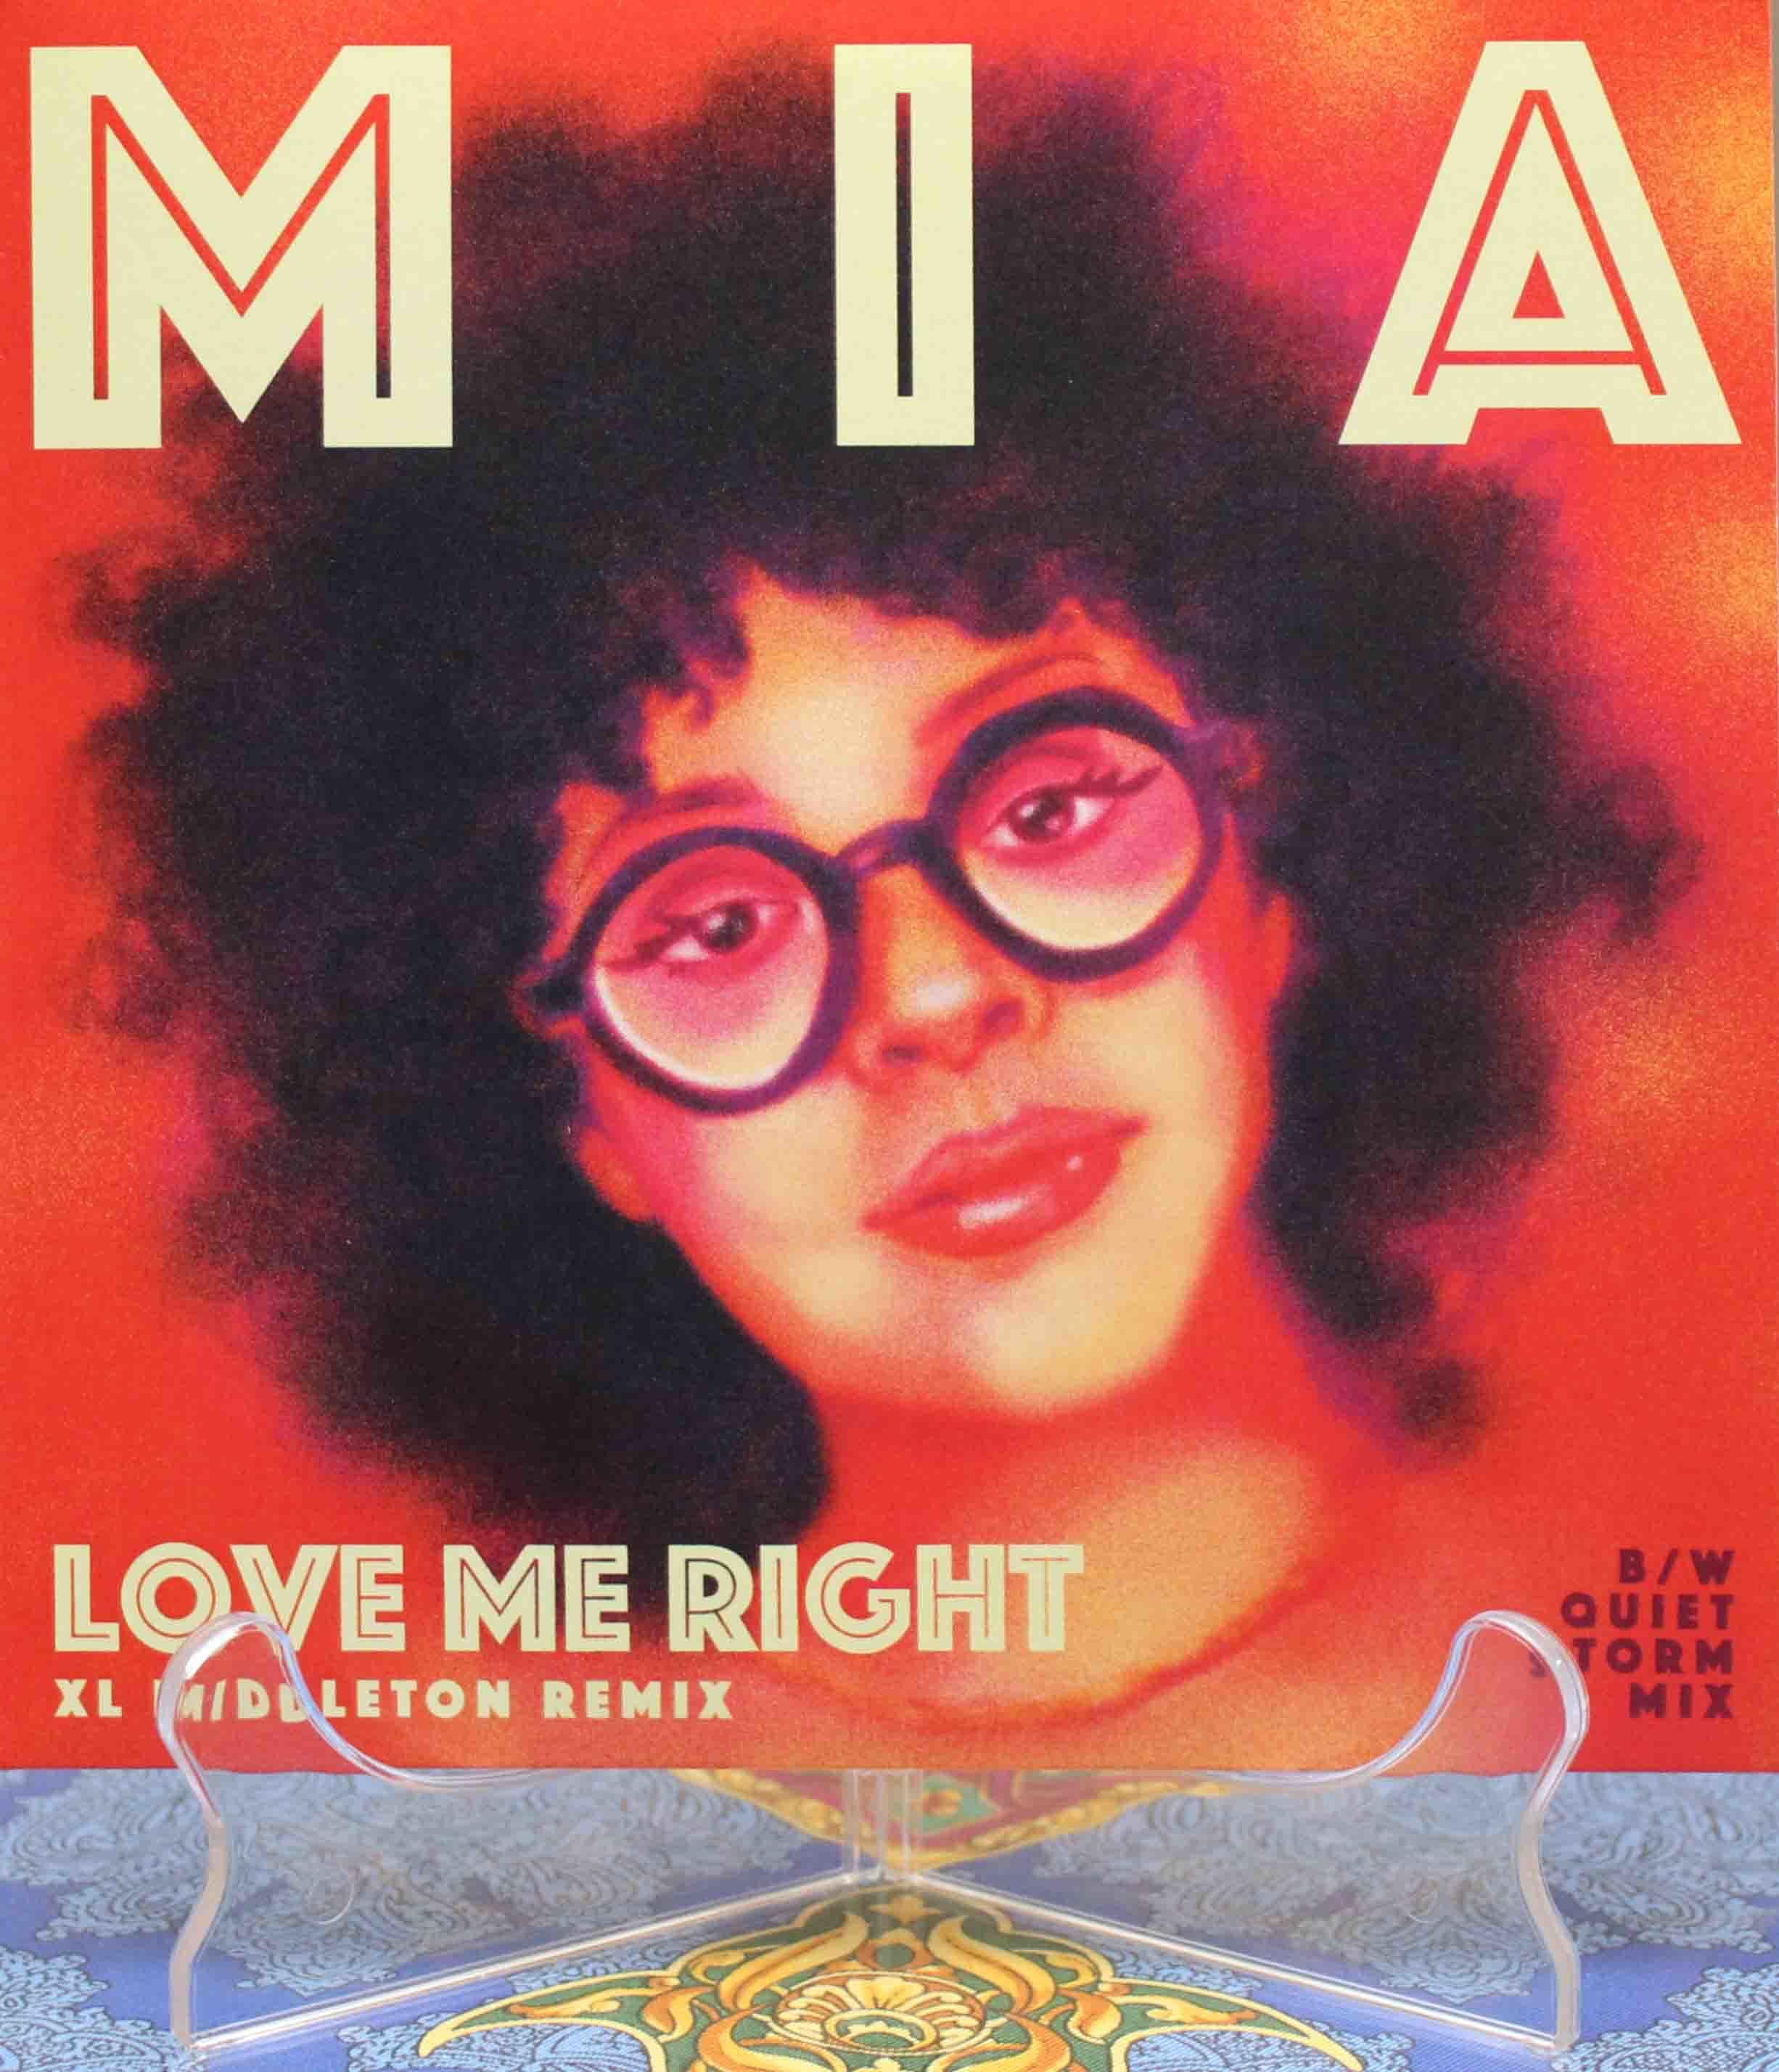 mia - love me right (xl middleton remix) 01